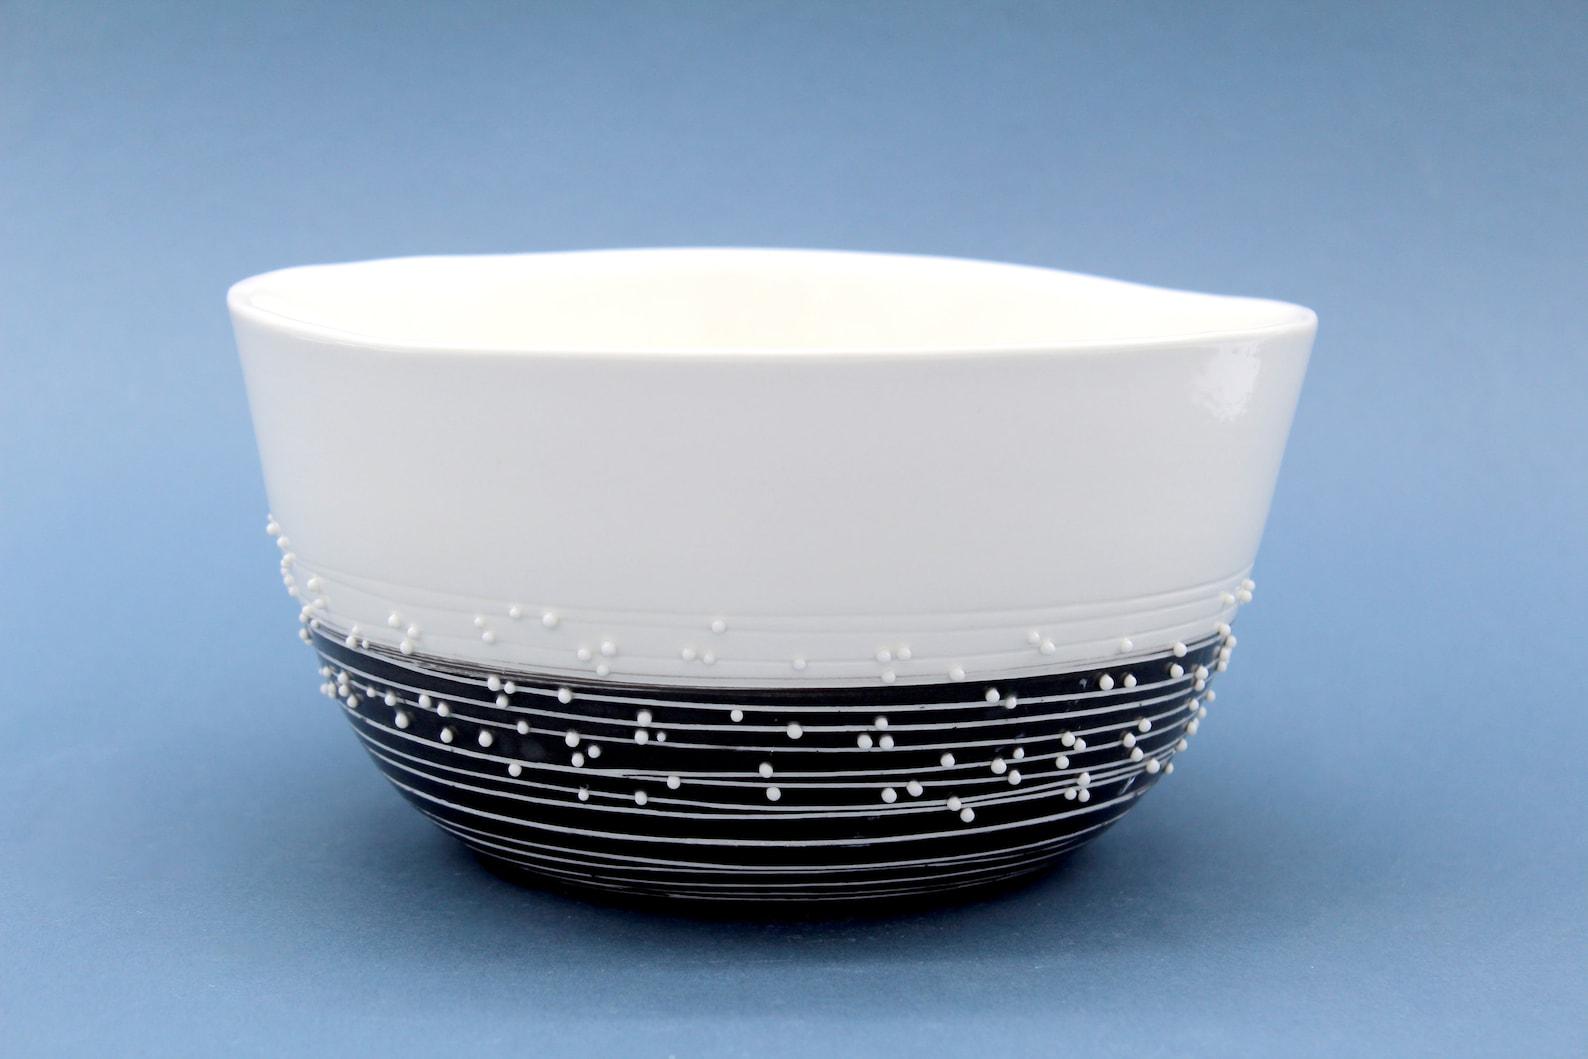 Saladier en porcelaine - Anaïs Chappron - La minute déco